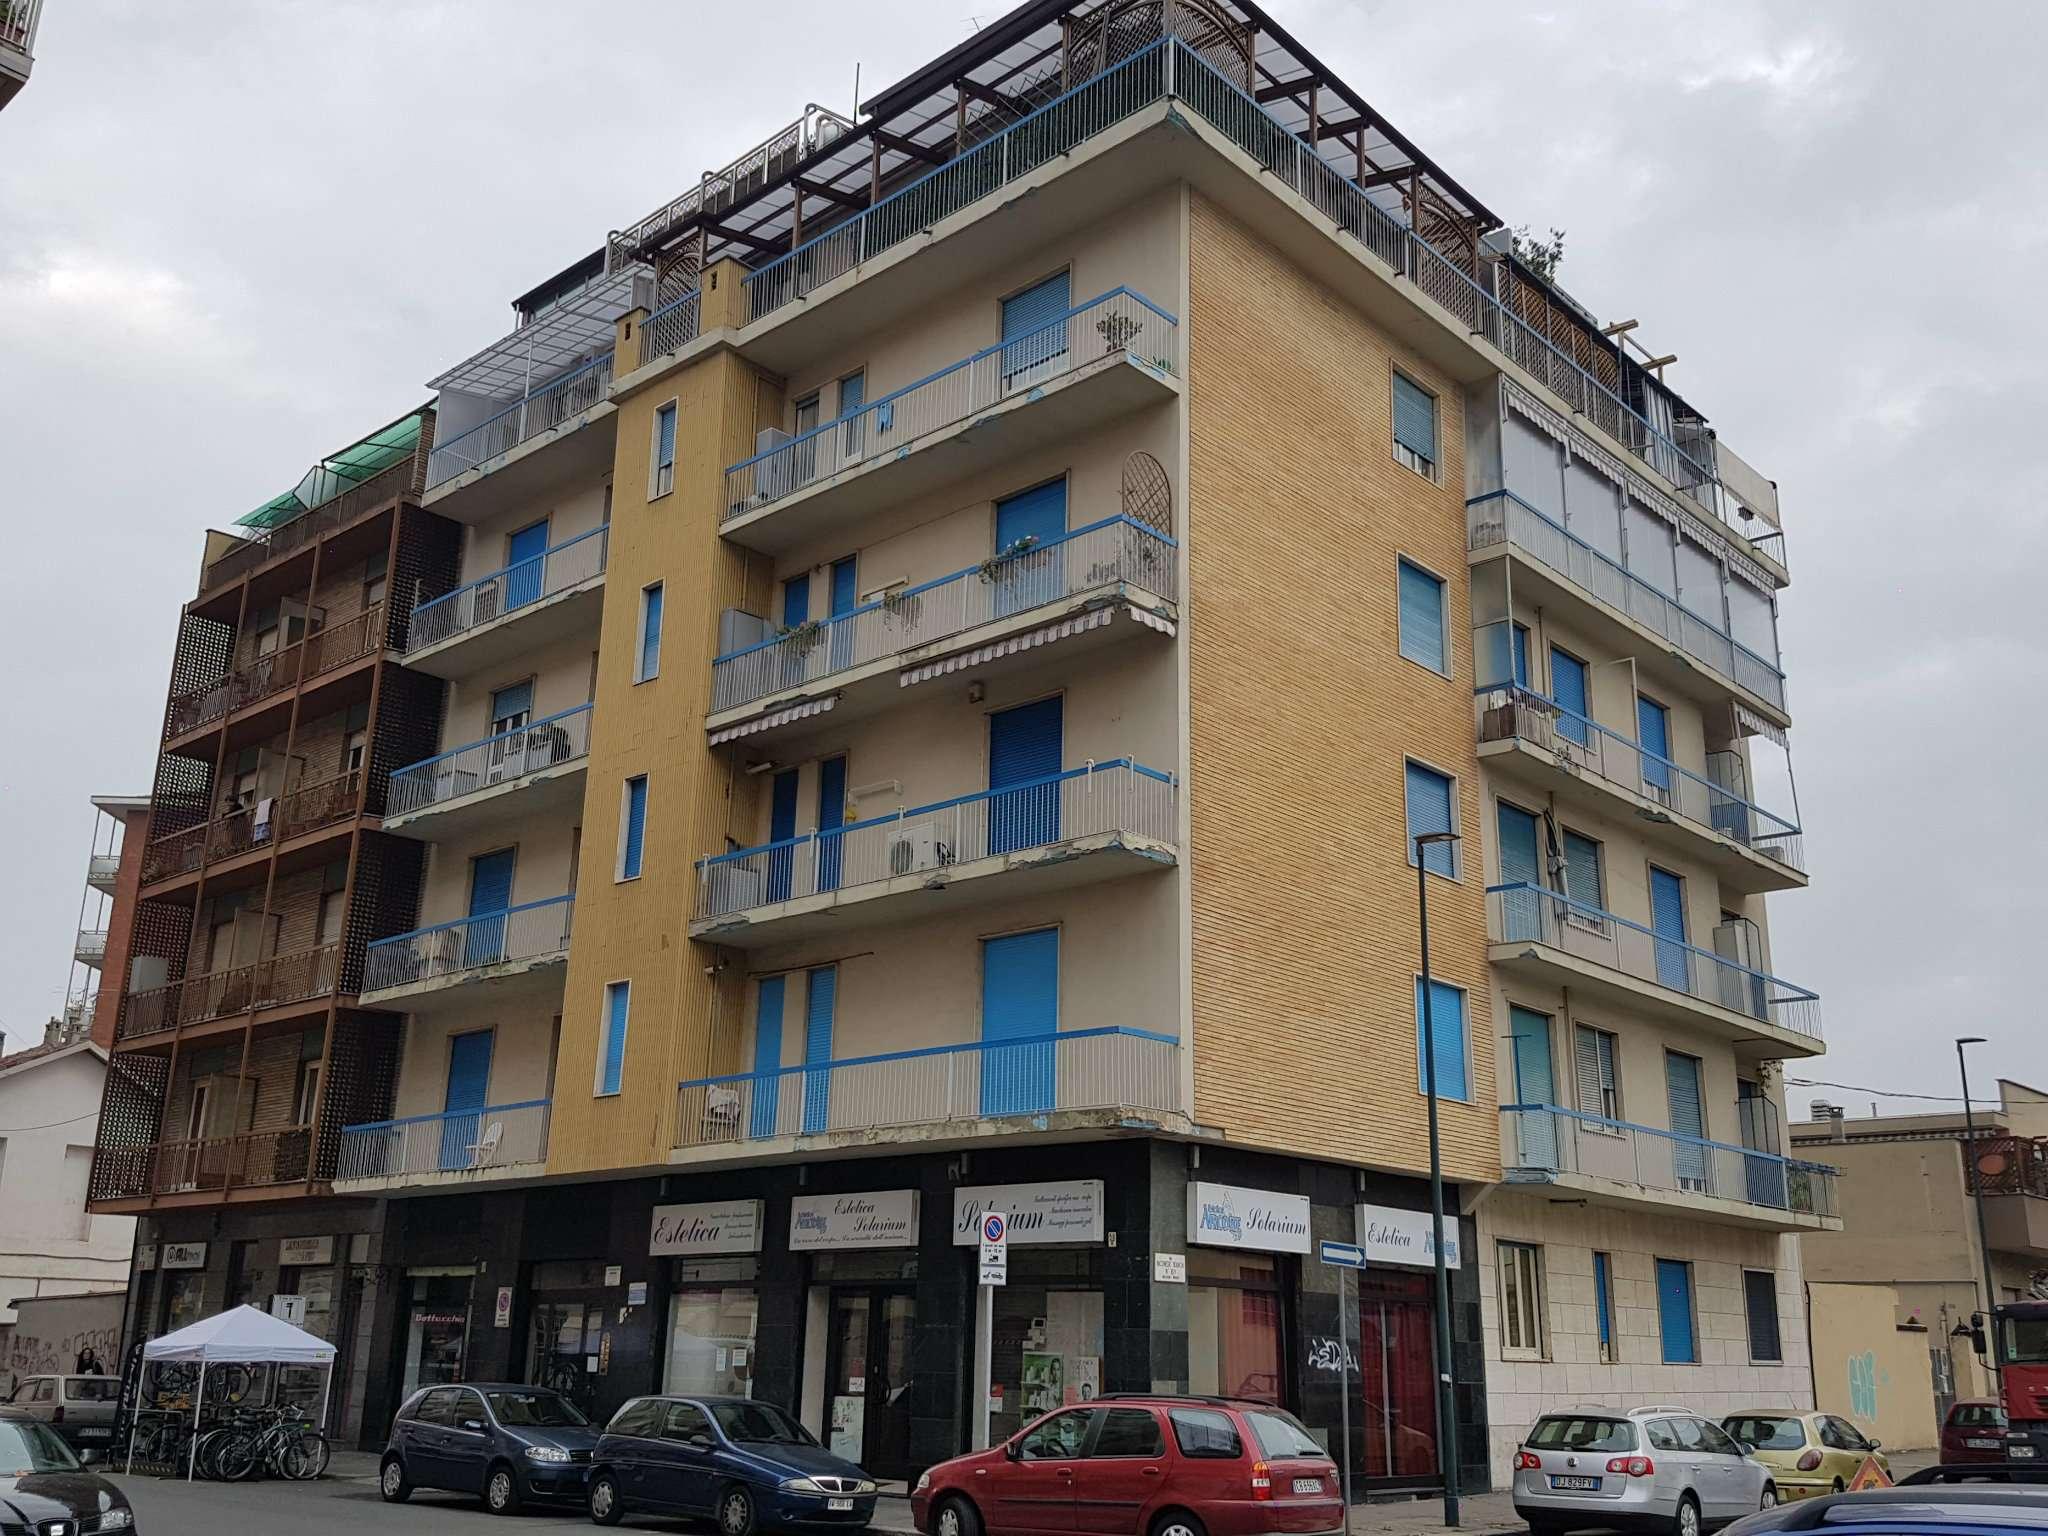 Affitto - Appartamento - Torino - BILOCALE ATTICO ARREDATO CON TERRAZZO DI 50 MQ.